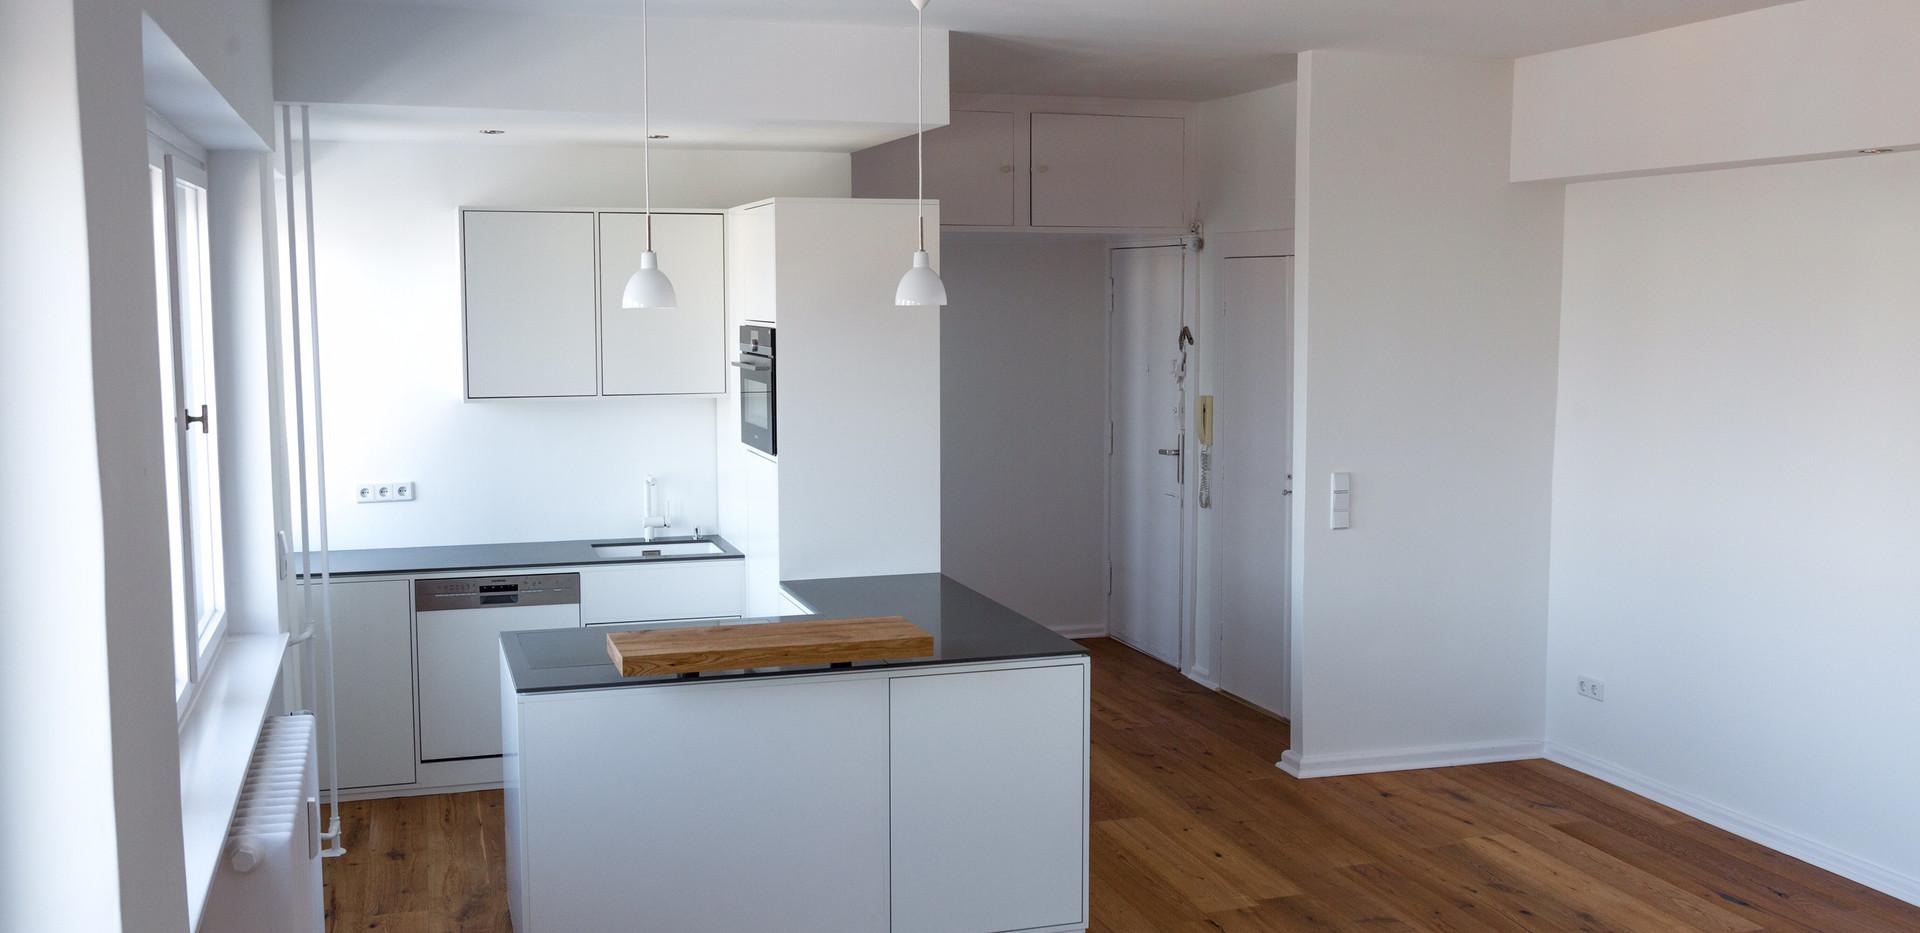 Küche Schaubühne 01.jpg